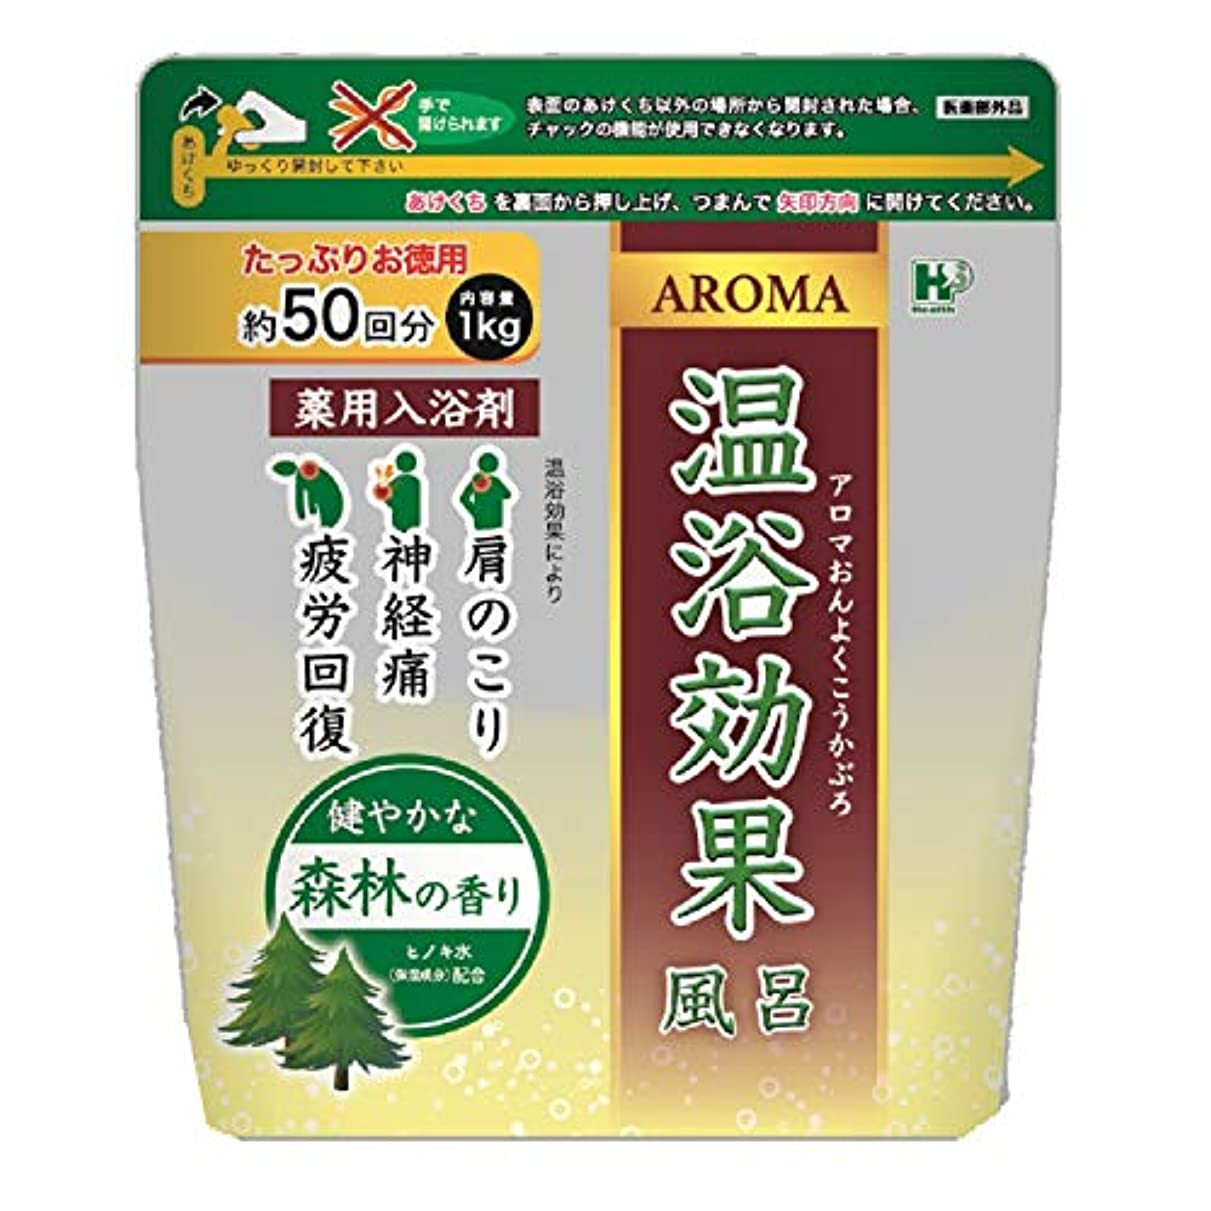 バックグラウンドまとめる政策アロマ温浴効果風呂 森林 1kg